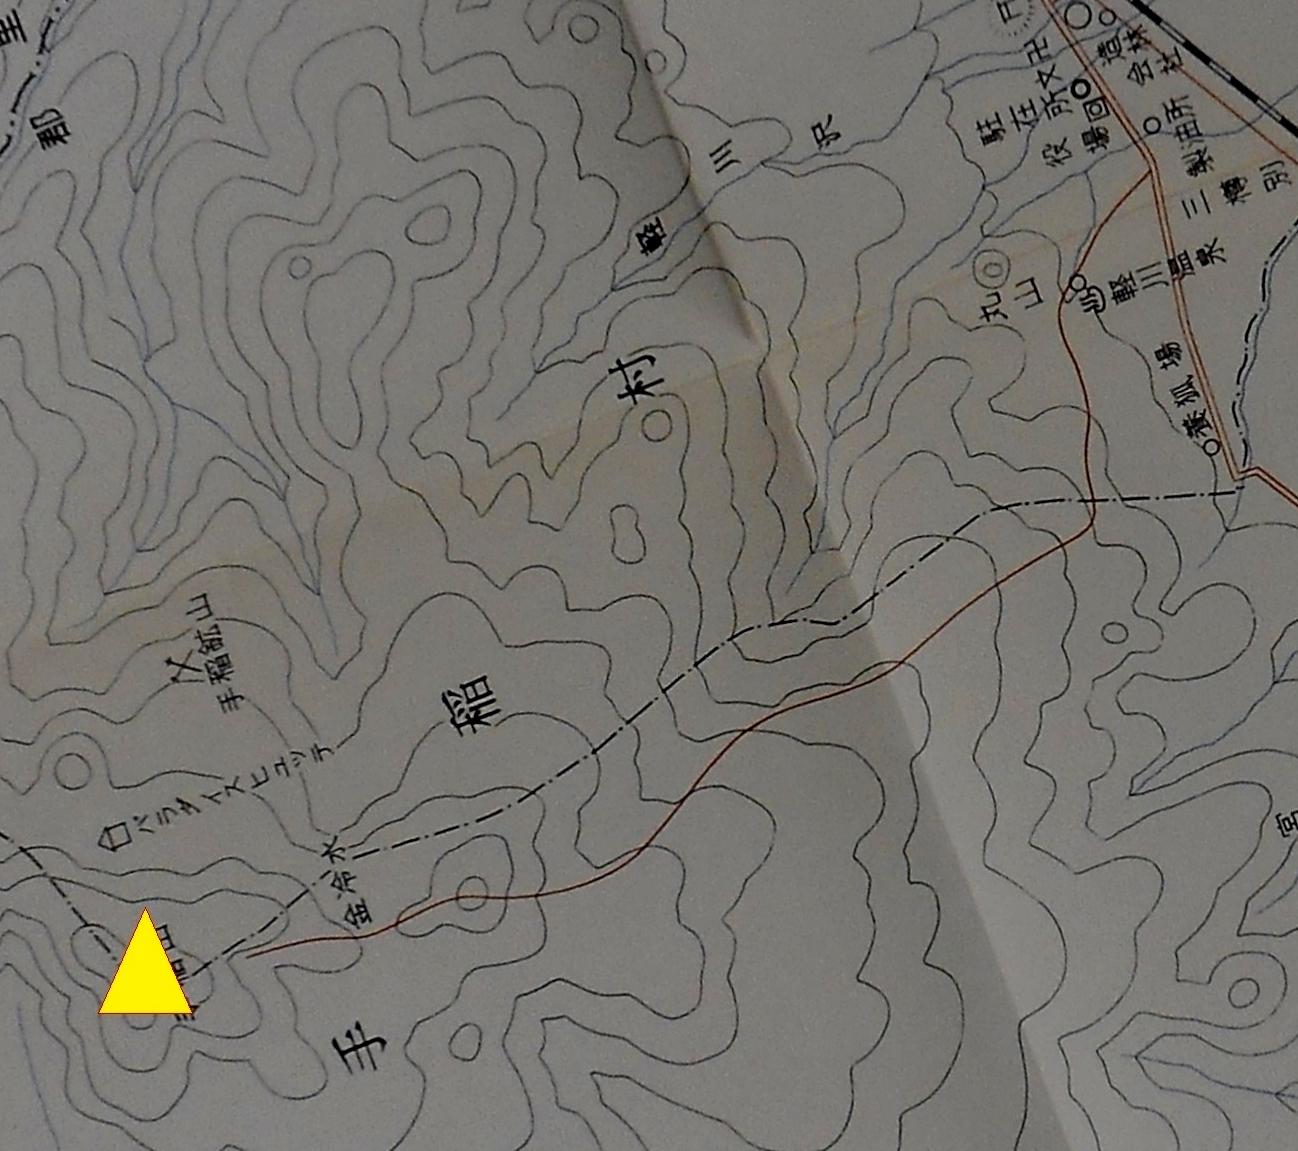 札幌郡手稲村(大字三村時代)地図 上手稲村・下手稲村村界 再掲